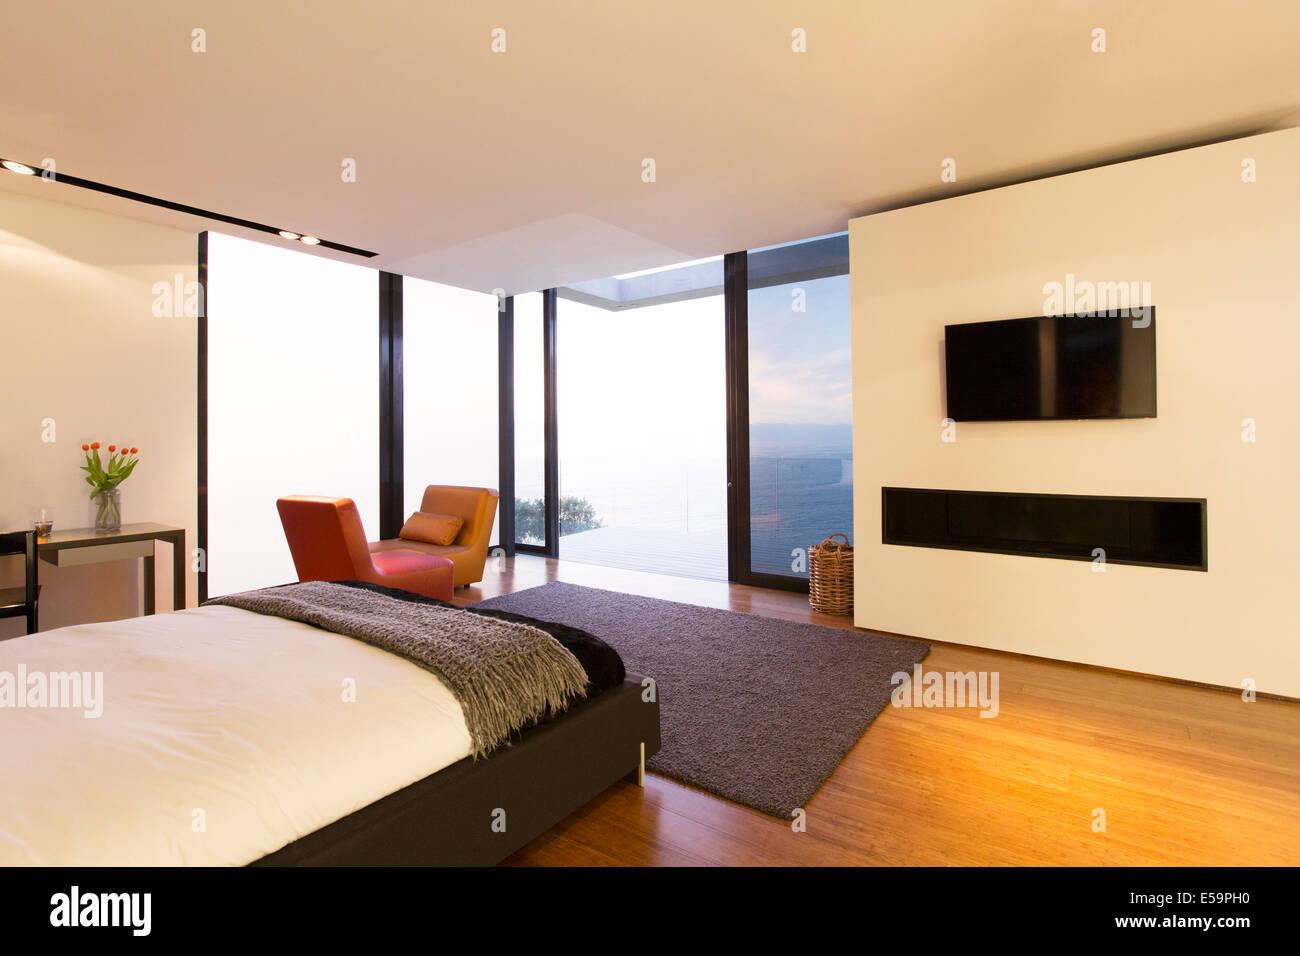 Camera da letto e le porte di vetro di casa moderna Immagini Stock